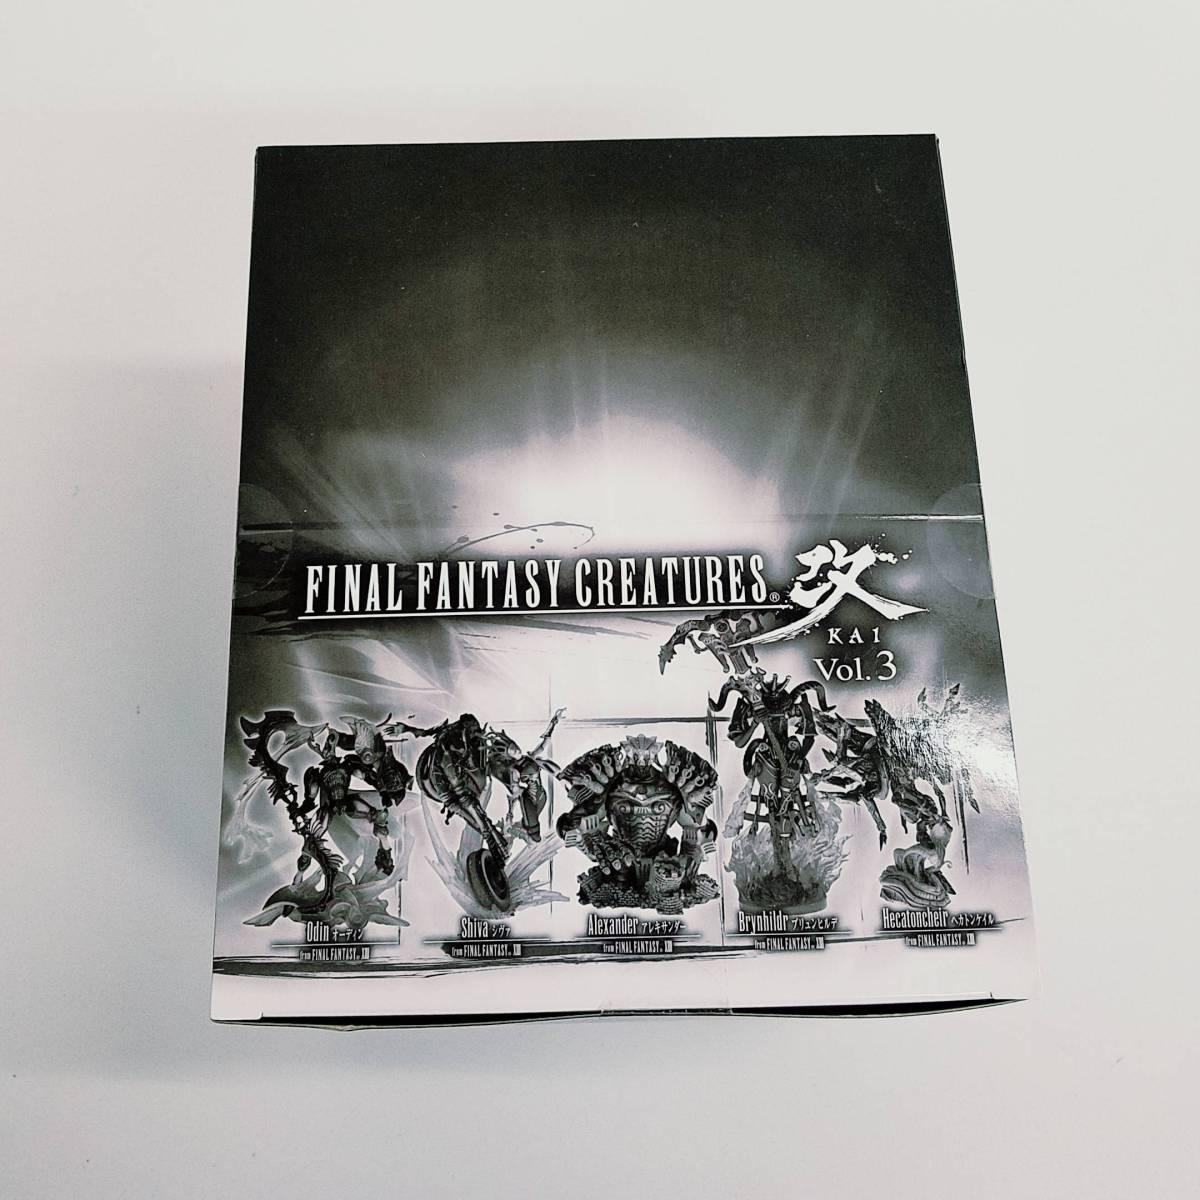 ファイナルファンタジー FINAL FANTASY CREATURES改 Vol.3 BOX フルコンプ